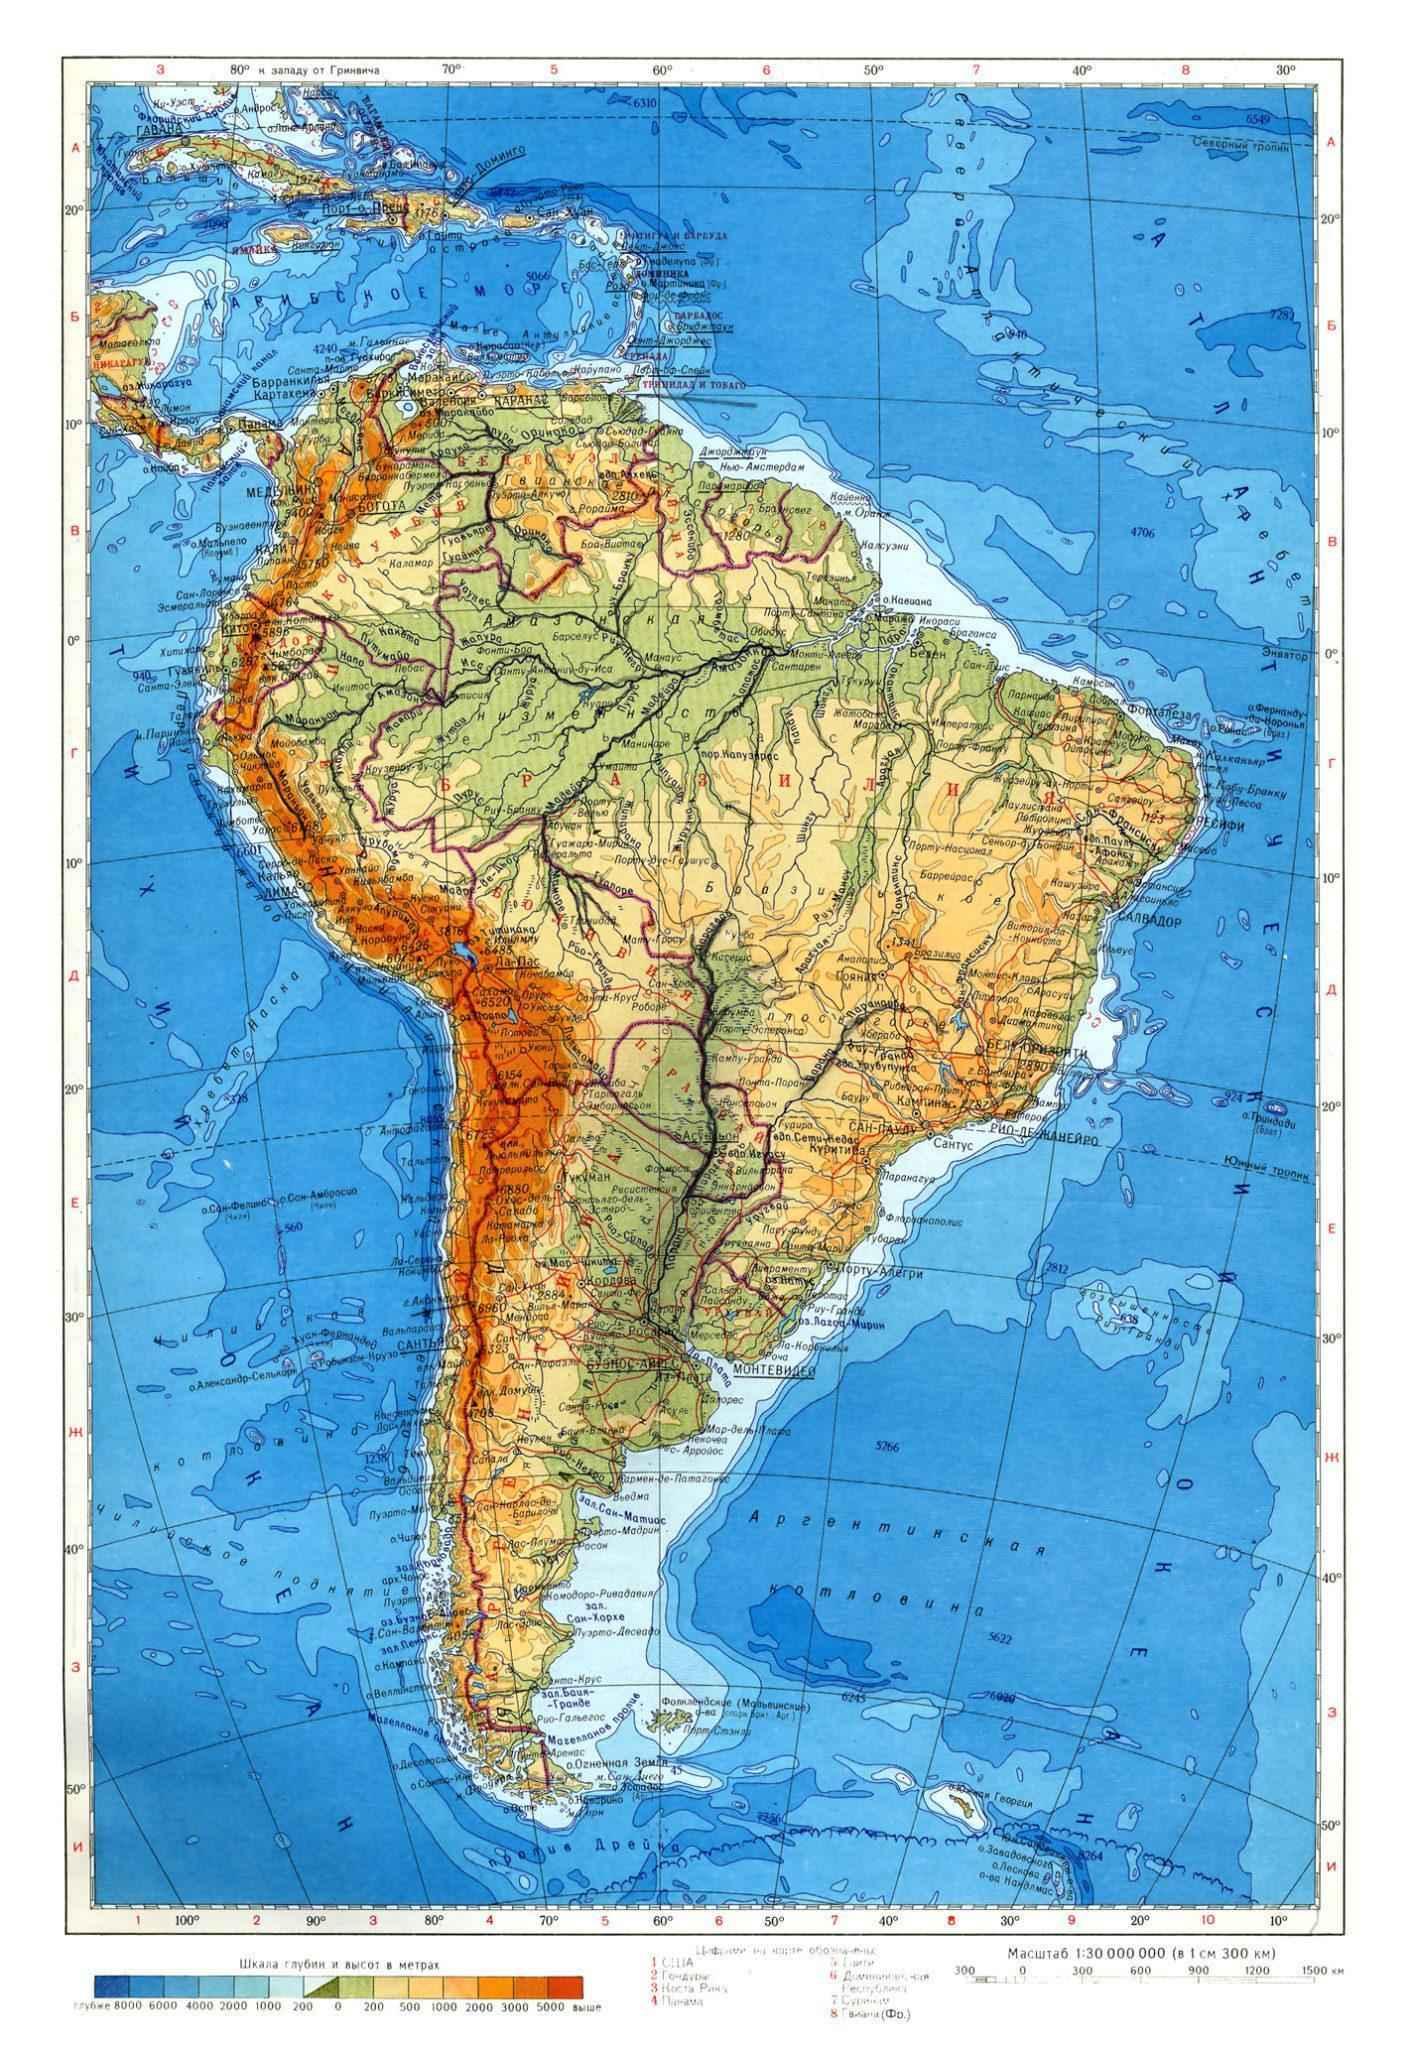 Географические карты Южной Америки крупным планом на русском языке: физическая, политическая и контурная 2